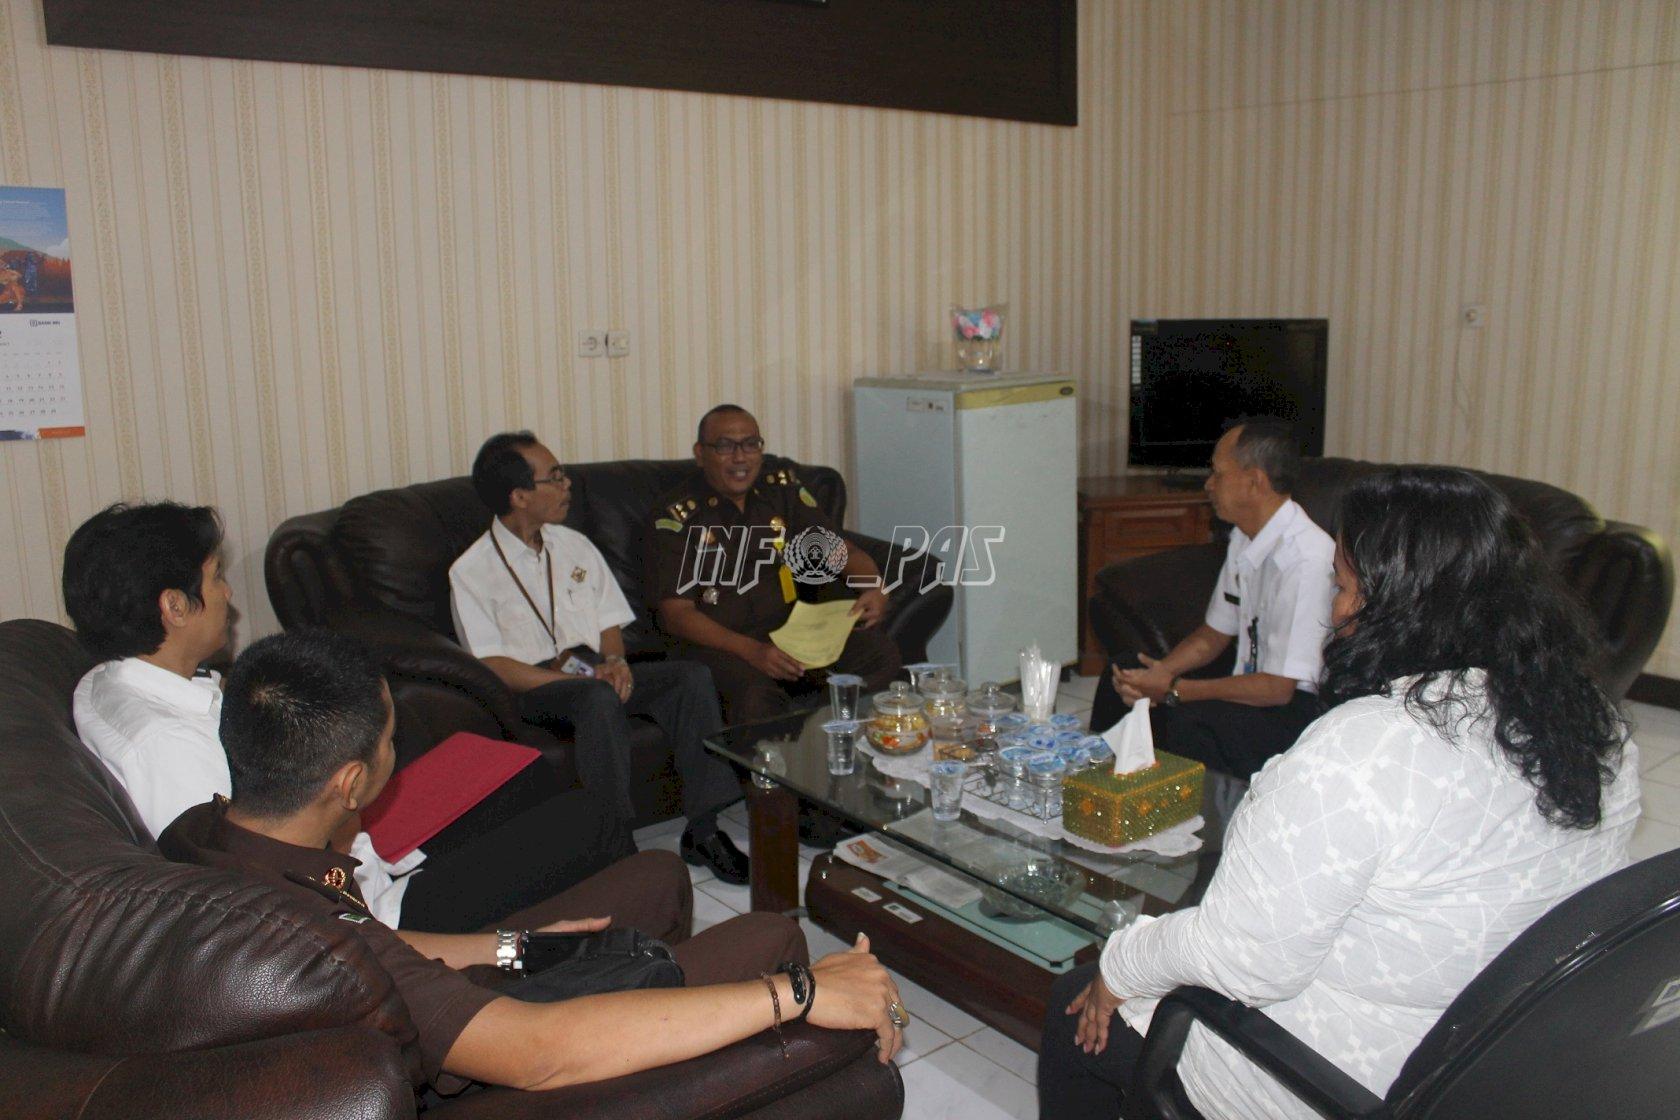 Kedatangan Tim BPK & Kejari, Ini Harapan Karupbasan Jakbar & Tangerang